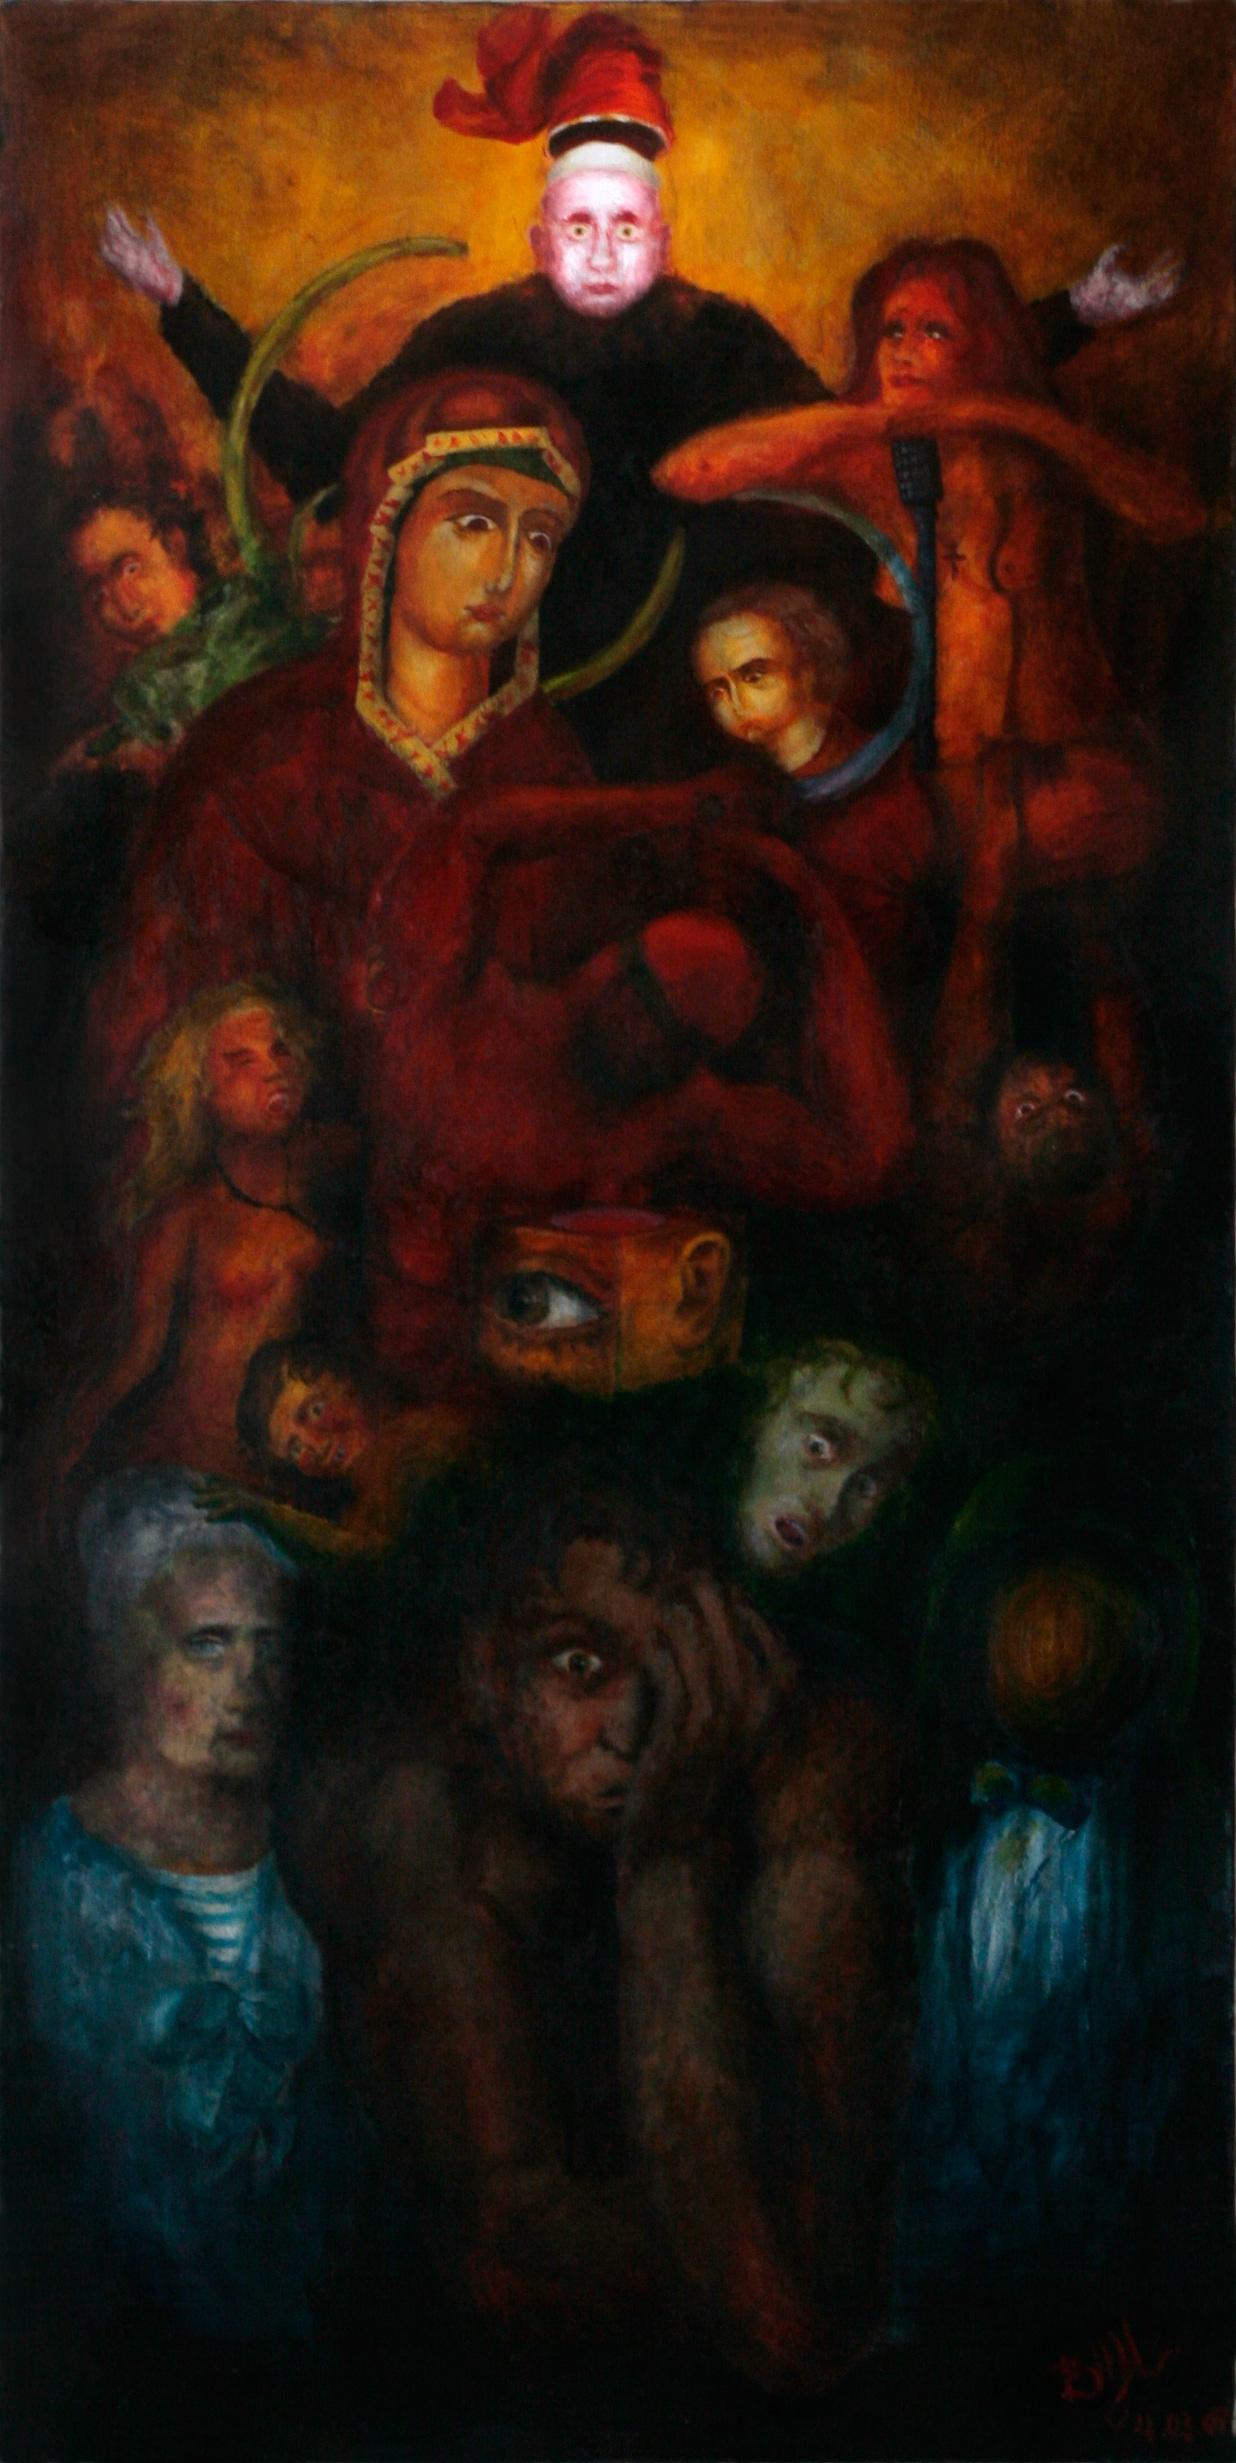 Итальянский сапог. Скопление людей и объектов. Вверху Папа Римский с красным сапогом над головой. Ниже стриптизерша-проститутка с микрофоном, мужчина с черепом рогатого животного, Мария и Иисус, красный человек с повязкой на глазах, мальчик с рукой на голове пожилой женщины-моряка. Акрил.